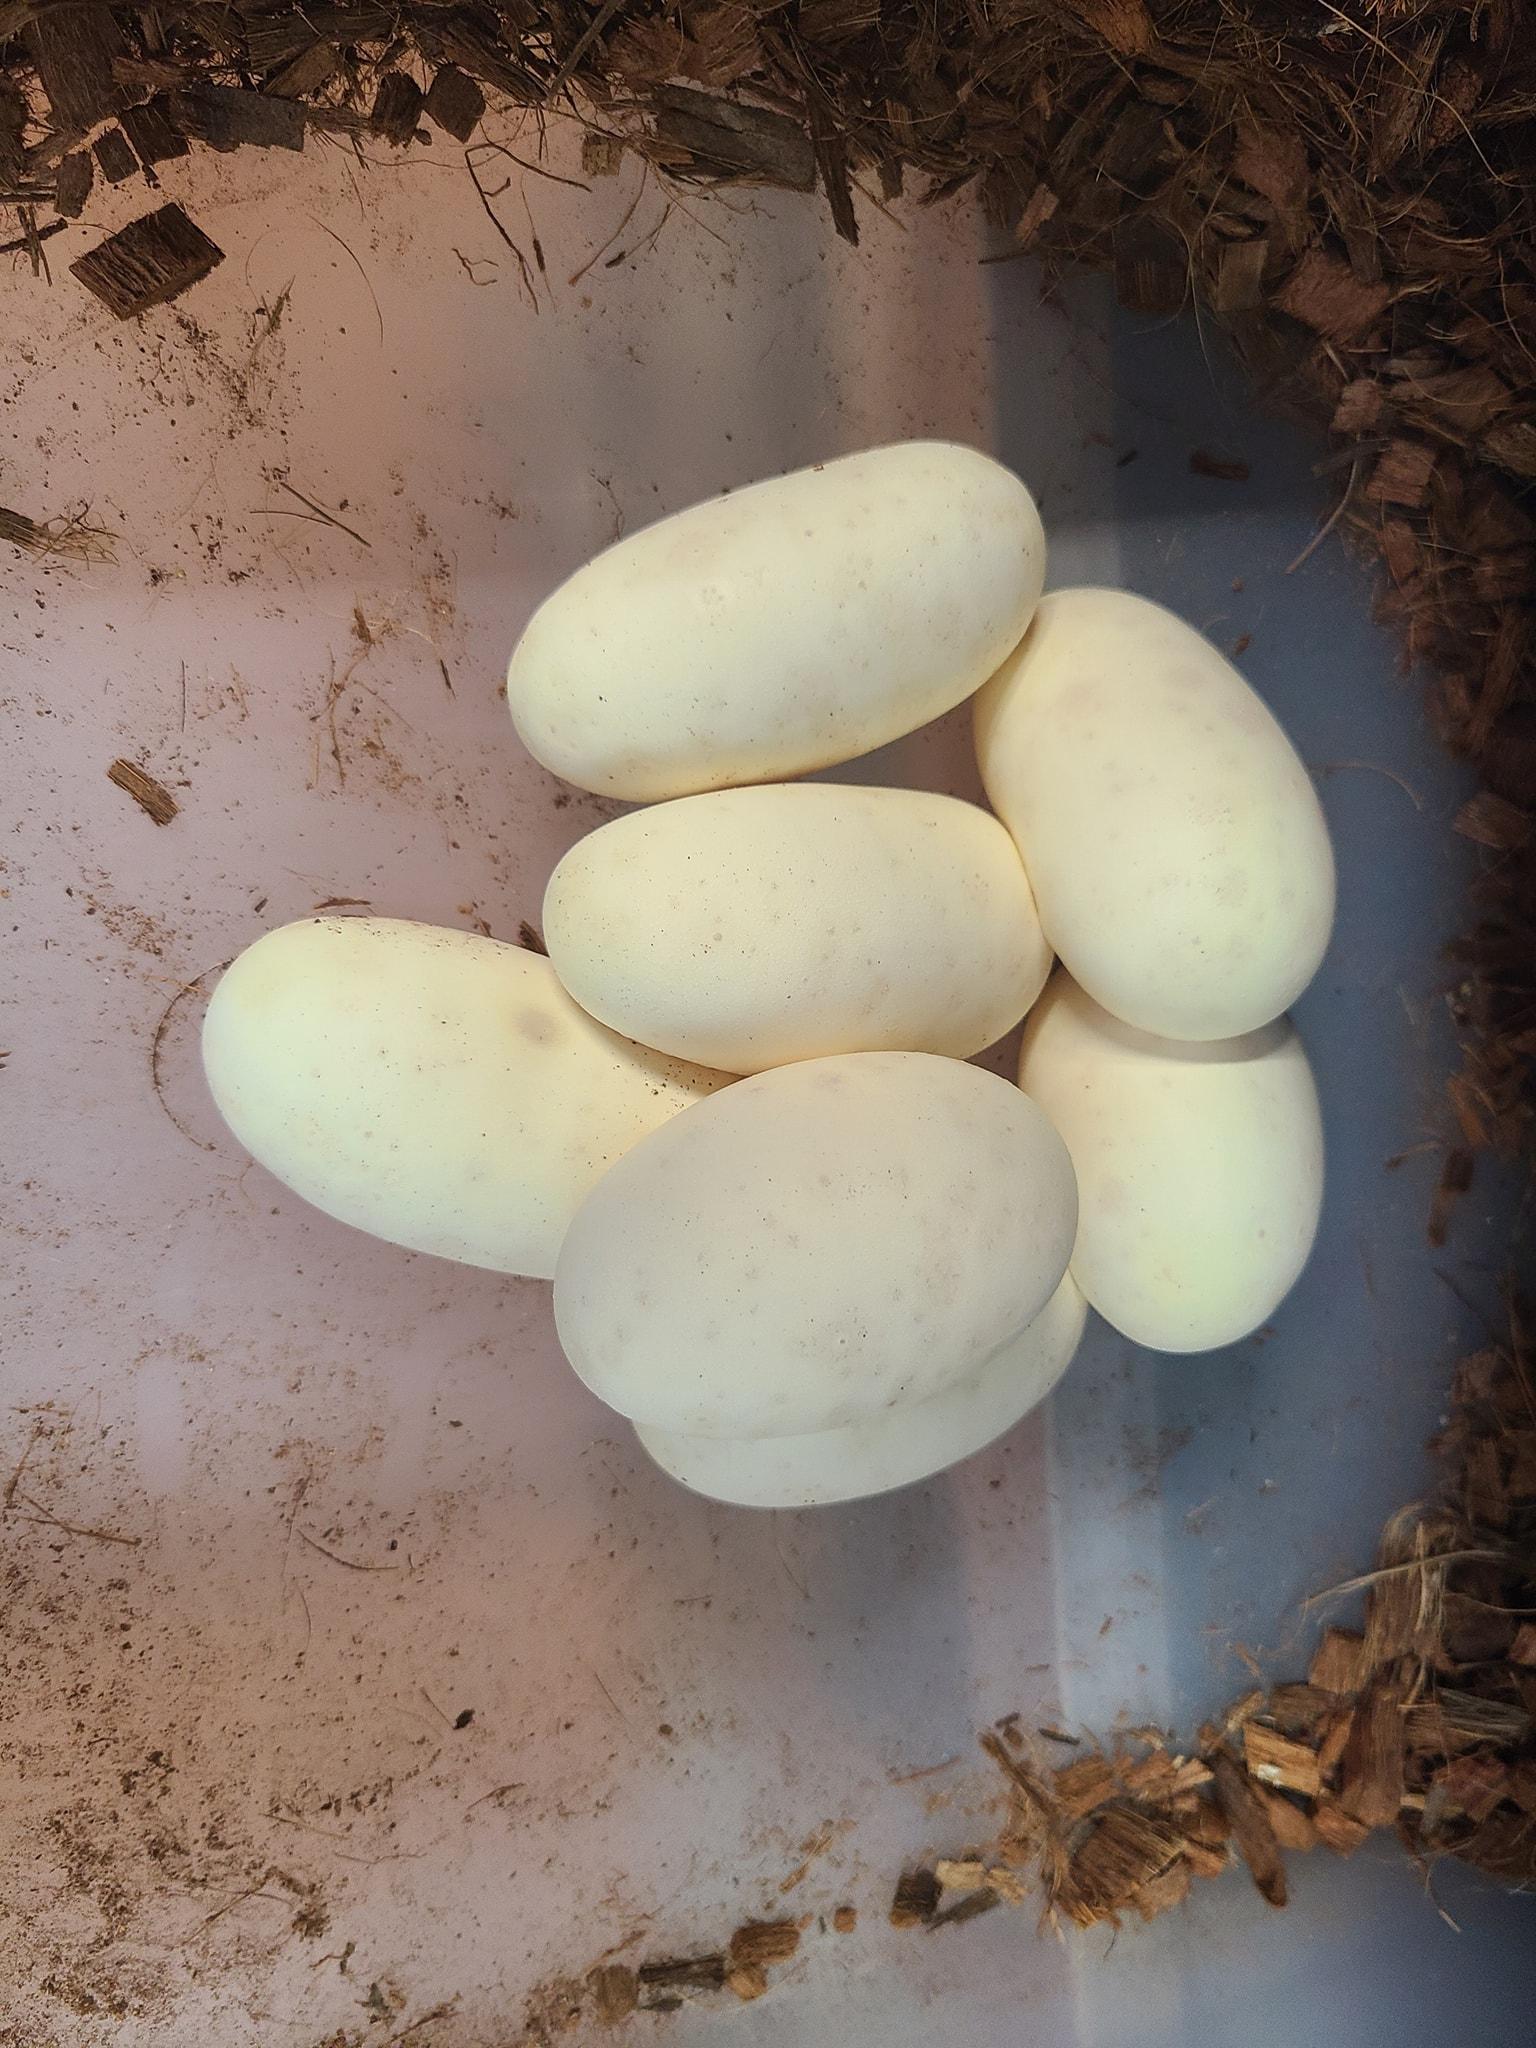 Image of Ball Python Eggs